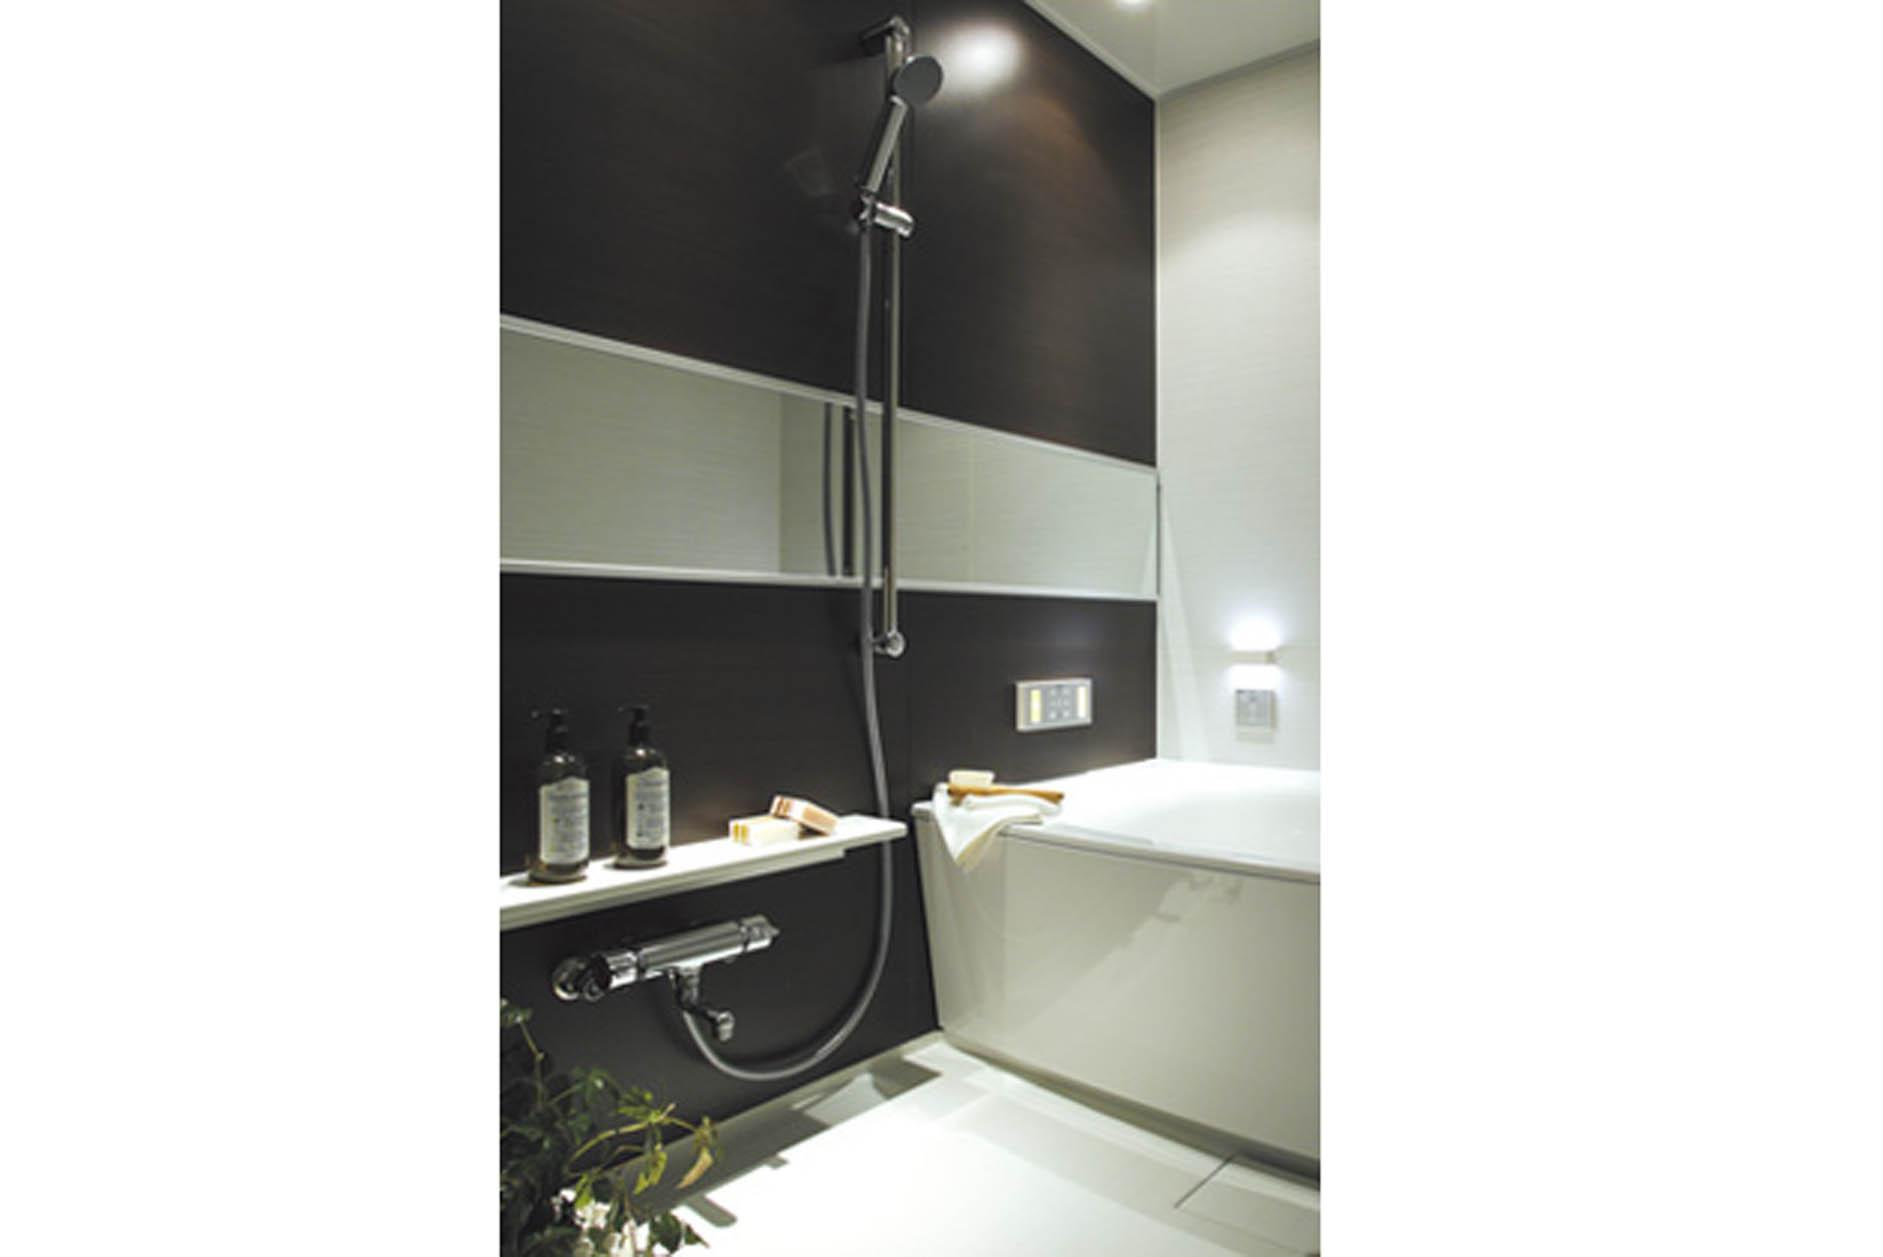 優美な形状の浴槽は、半身浴や全身浴などさまざまな入浴スタイルへ対応。(MR撮影) イメージ